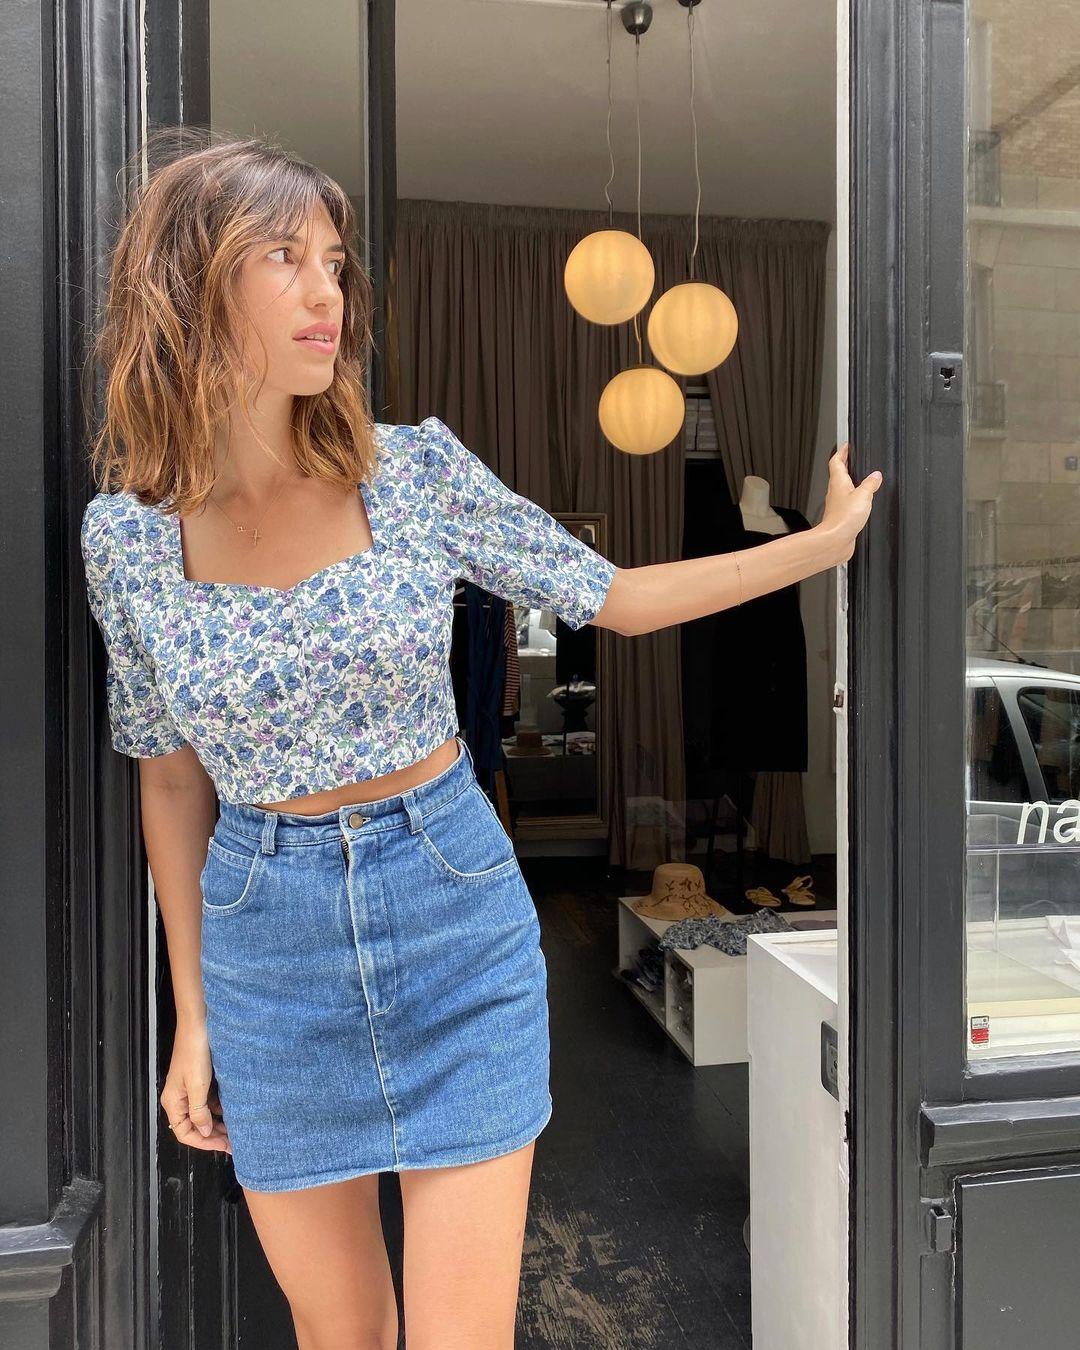 8 kiểu tóc gái Pháp luôn yêu cầu cắt khi ghé salon: Đơn giản mà cực sang chảnh, học theo thì thần thái lên hương - Ảnh 7